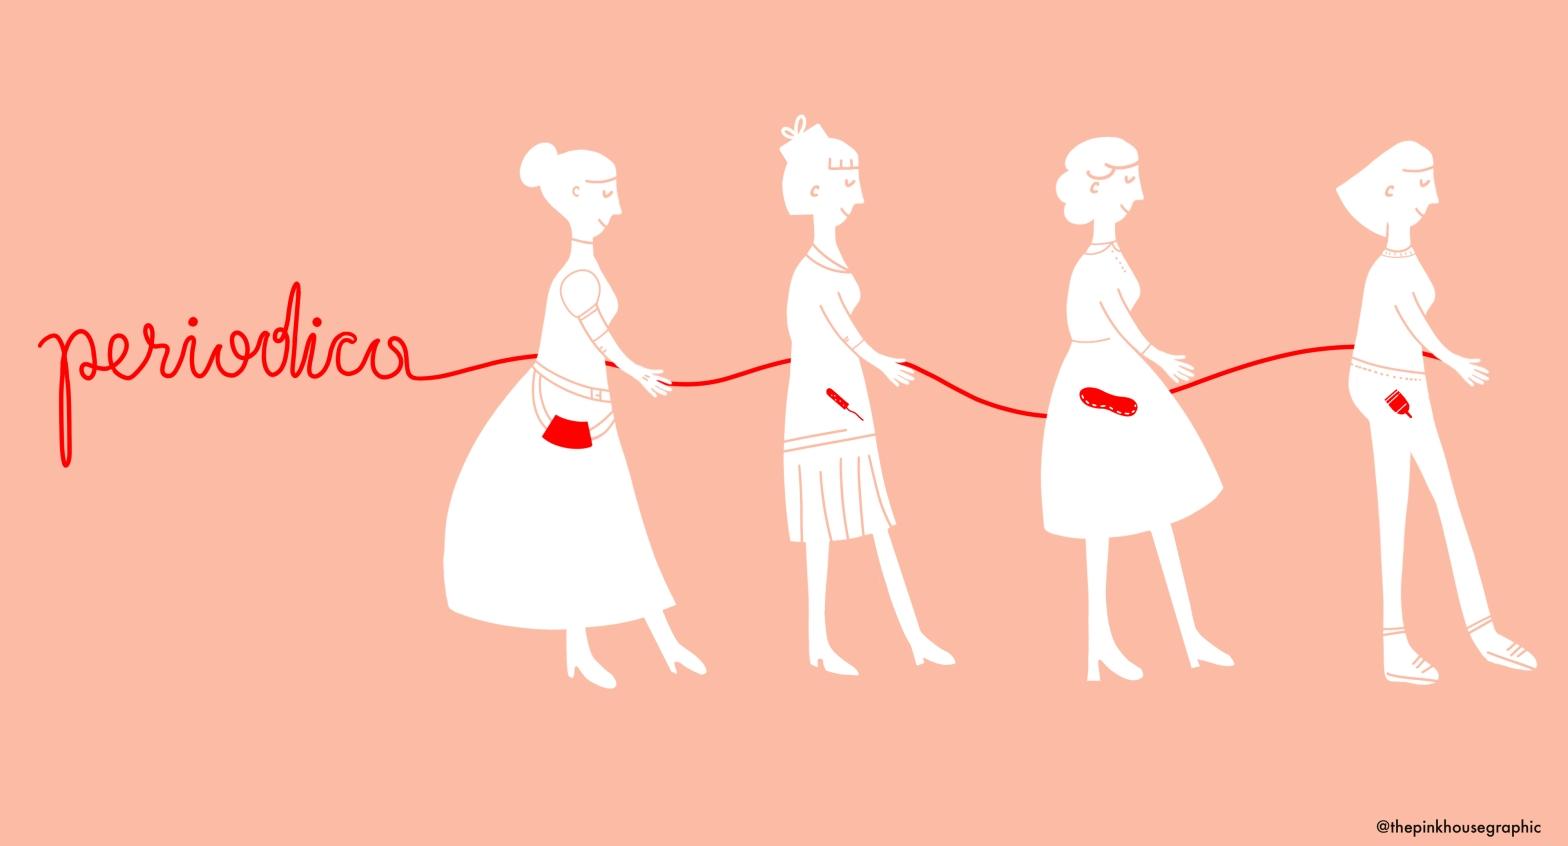 Una linea rossa accomuna diverse persone che indossano diversi supporti mestruali